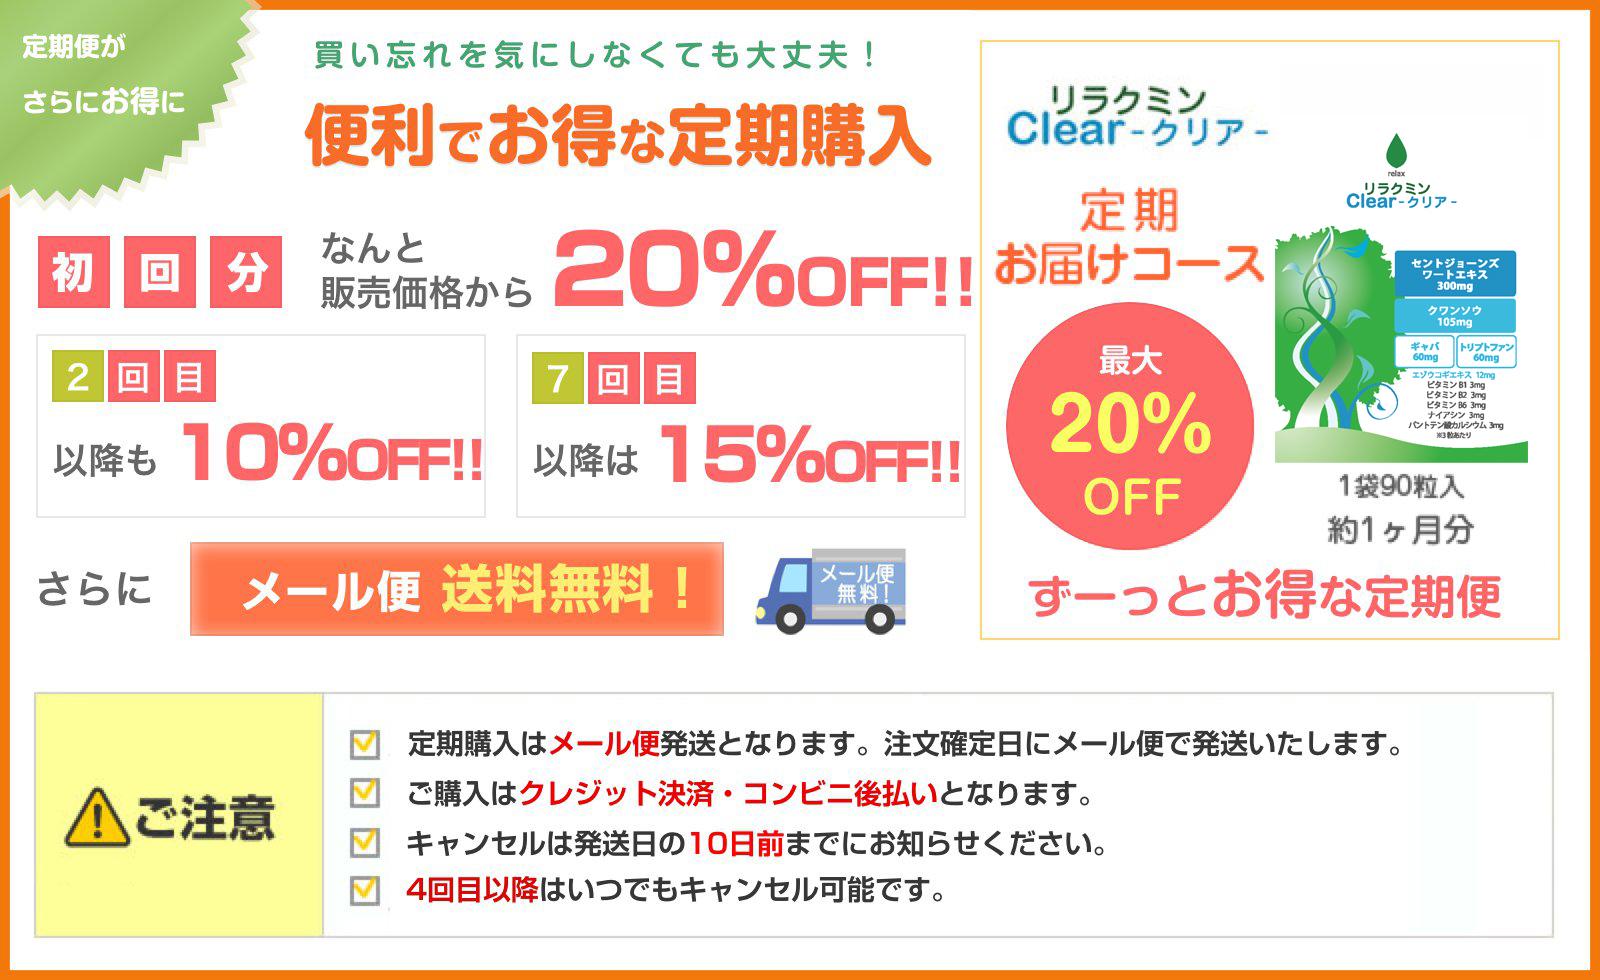 『リラクミンクリア(定期購入)』メール便送料無料<br>10%オフで定期